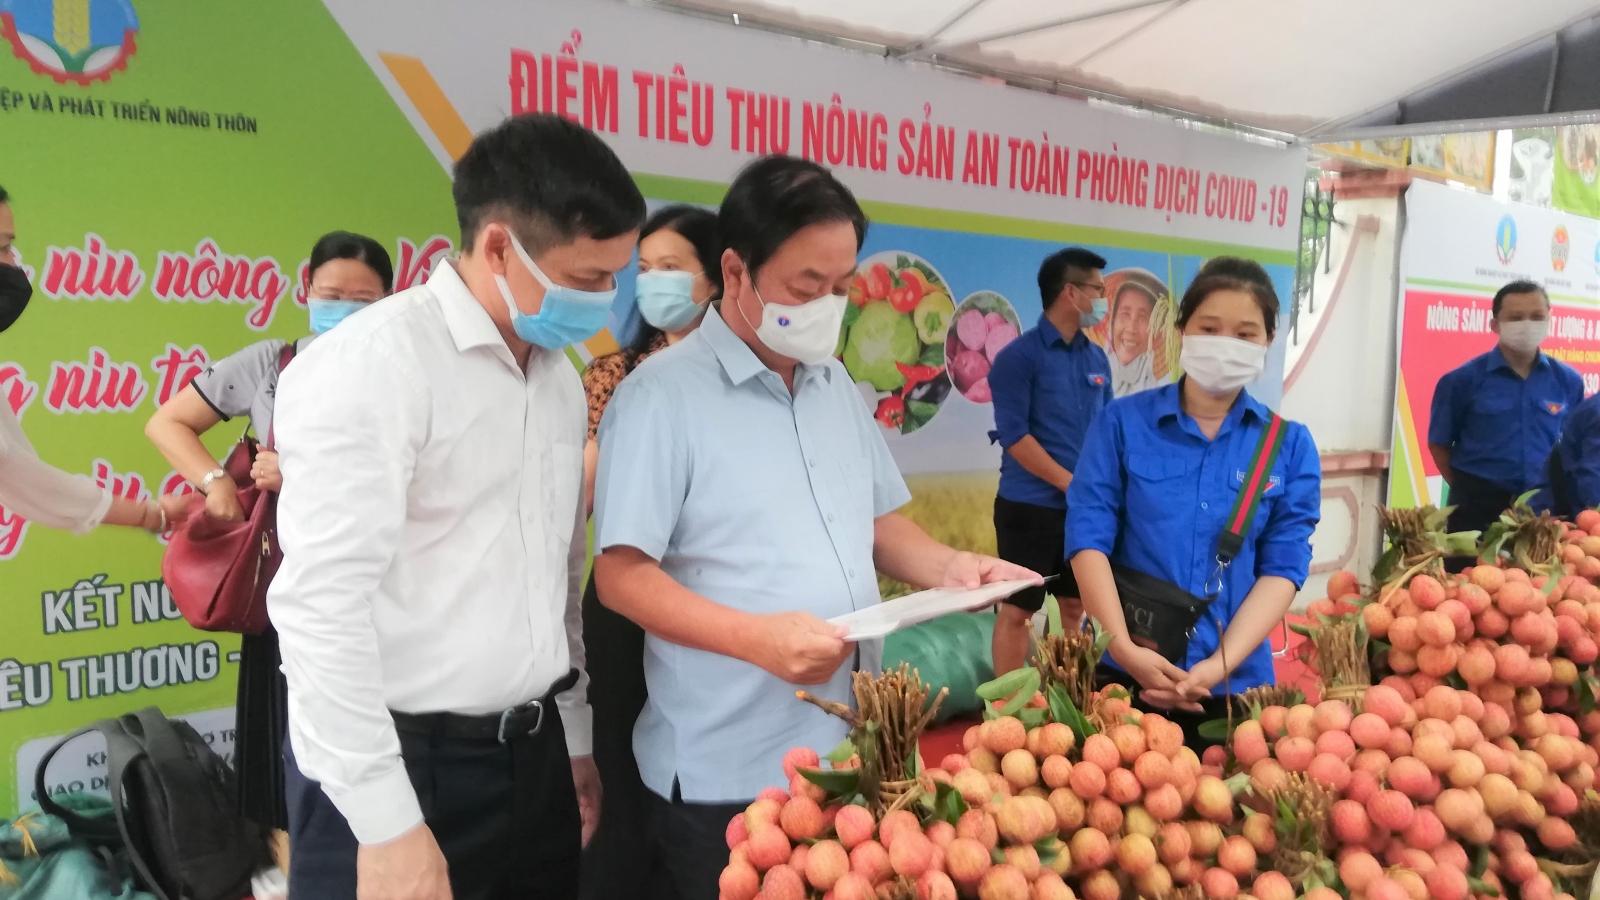 Bộ Nông nghiệp ra mắt điểm hỗ trợ tiêu thụ nông sản an toàn trong mùa dịch COVID-19